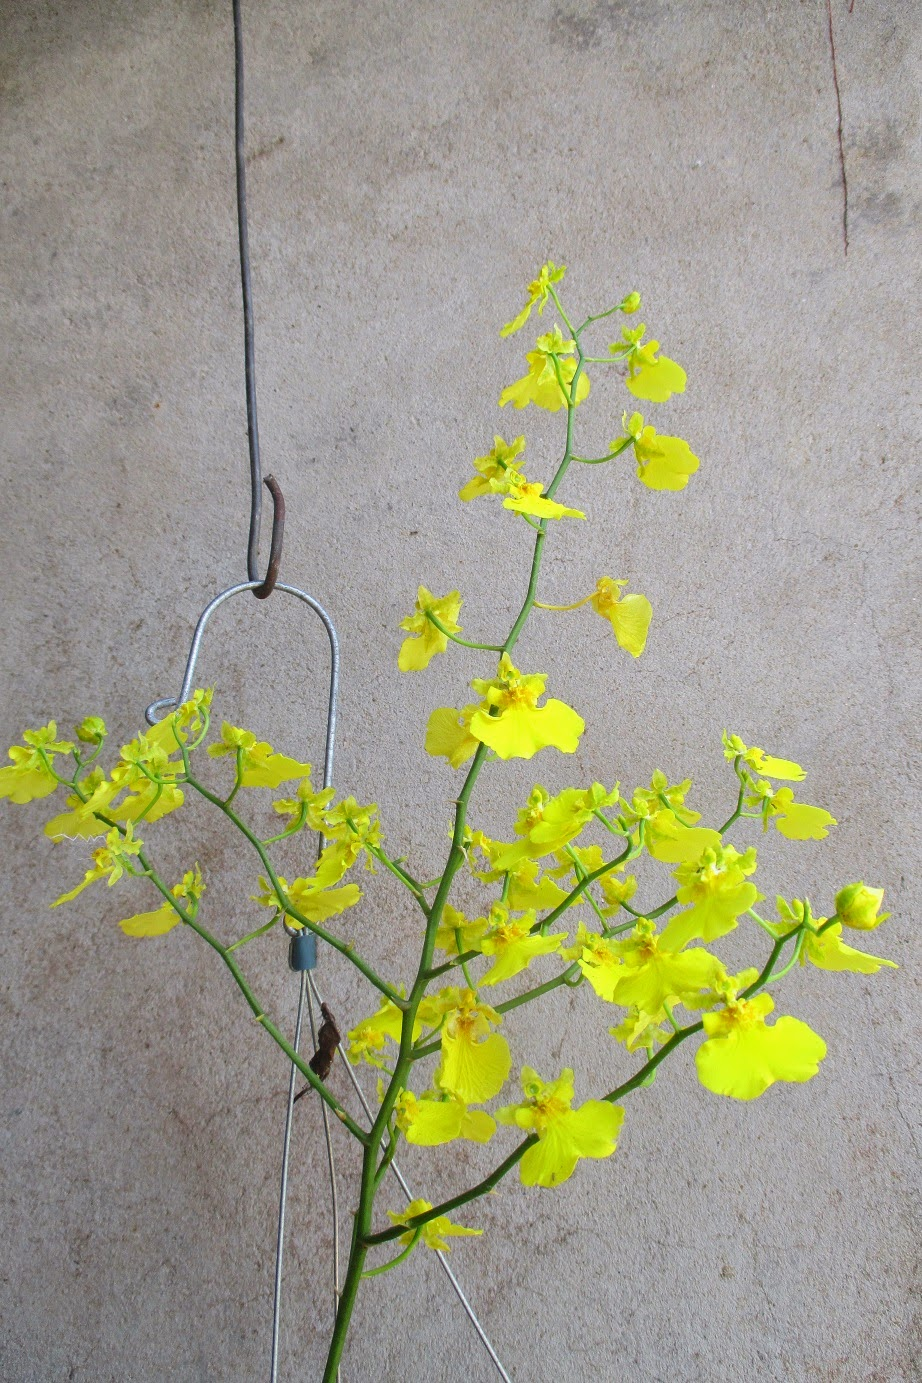 Một số bông hoa lan vũ nữ đã tàn, đây là lúc nên cắt chúng đi